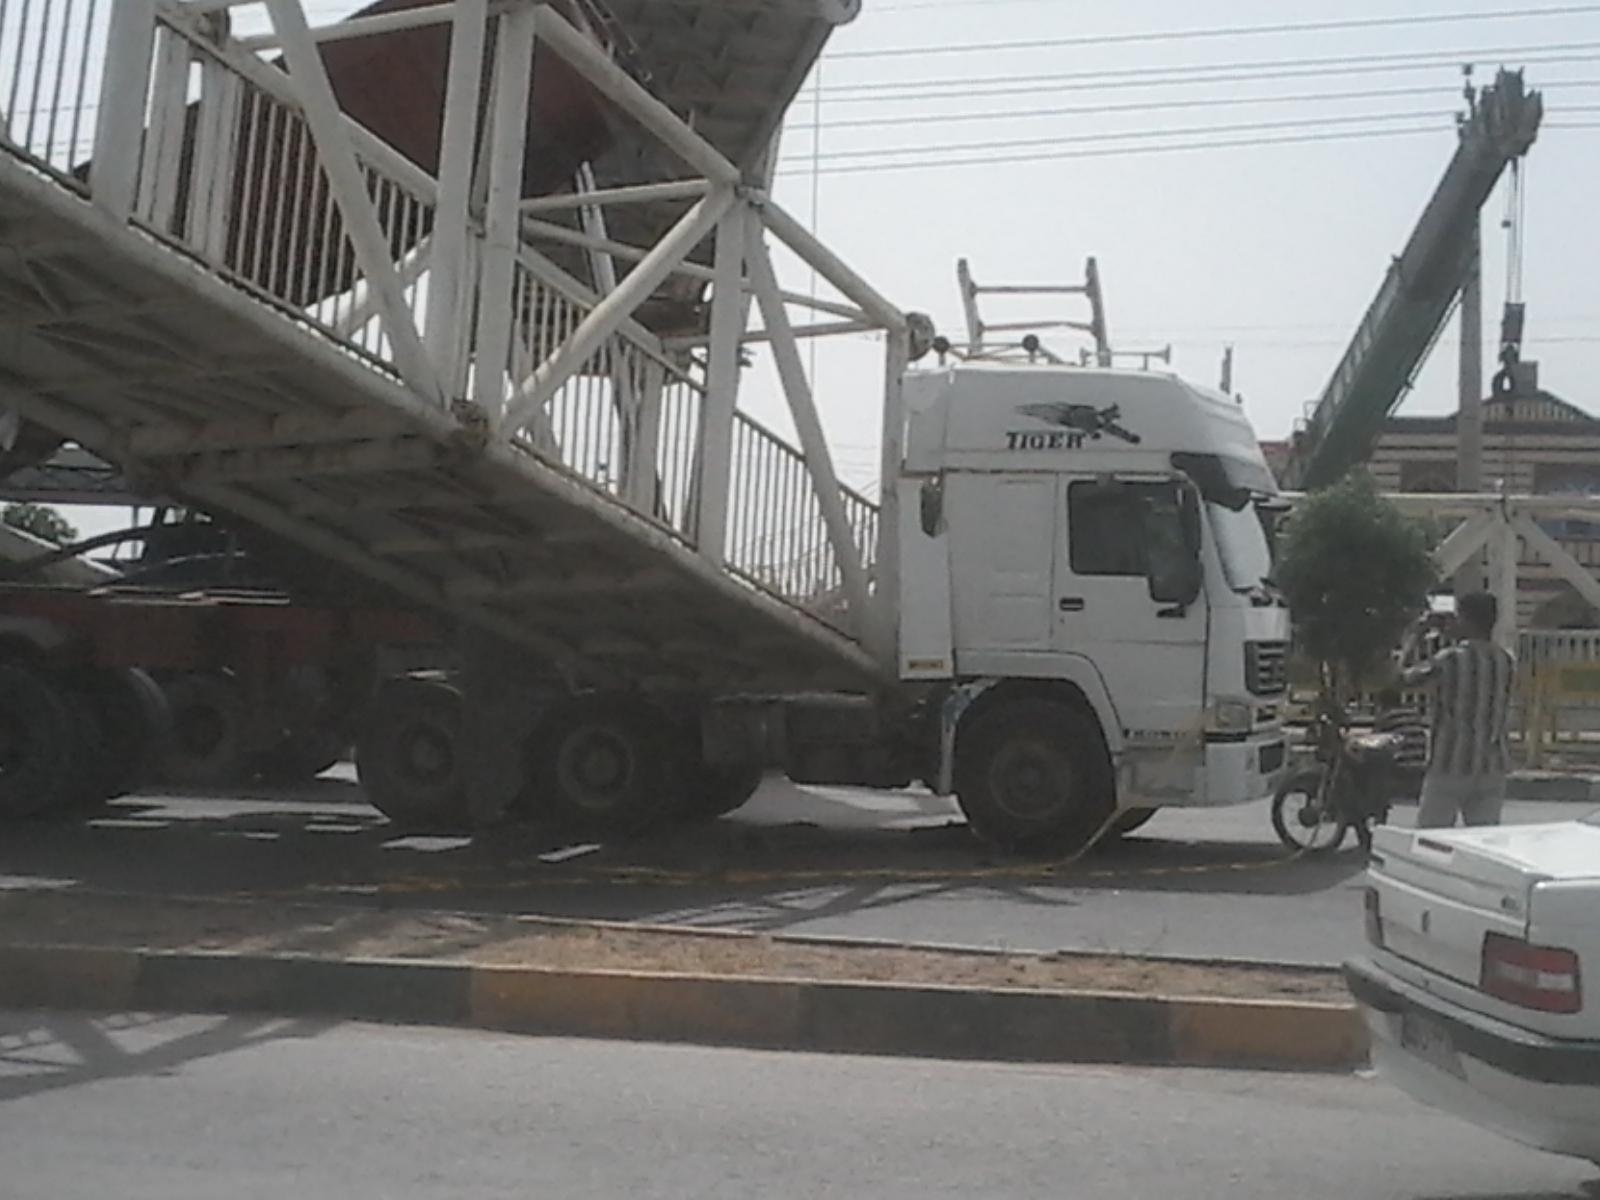 تصادف کامیون با پل عابر پیاده +تصاویر